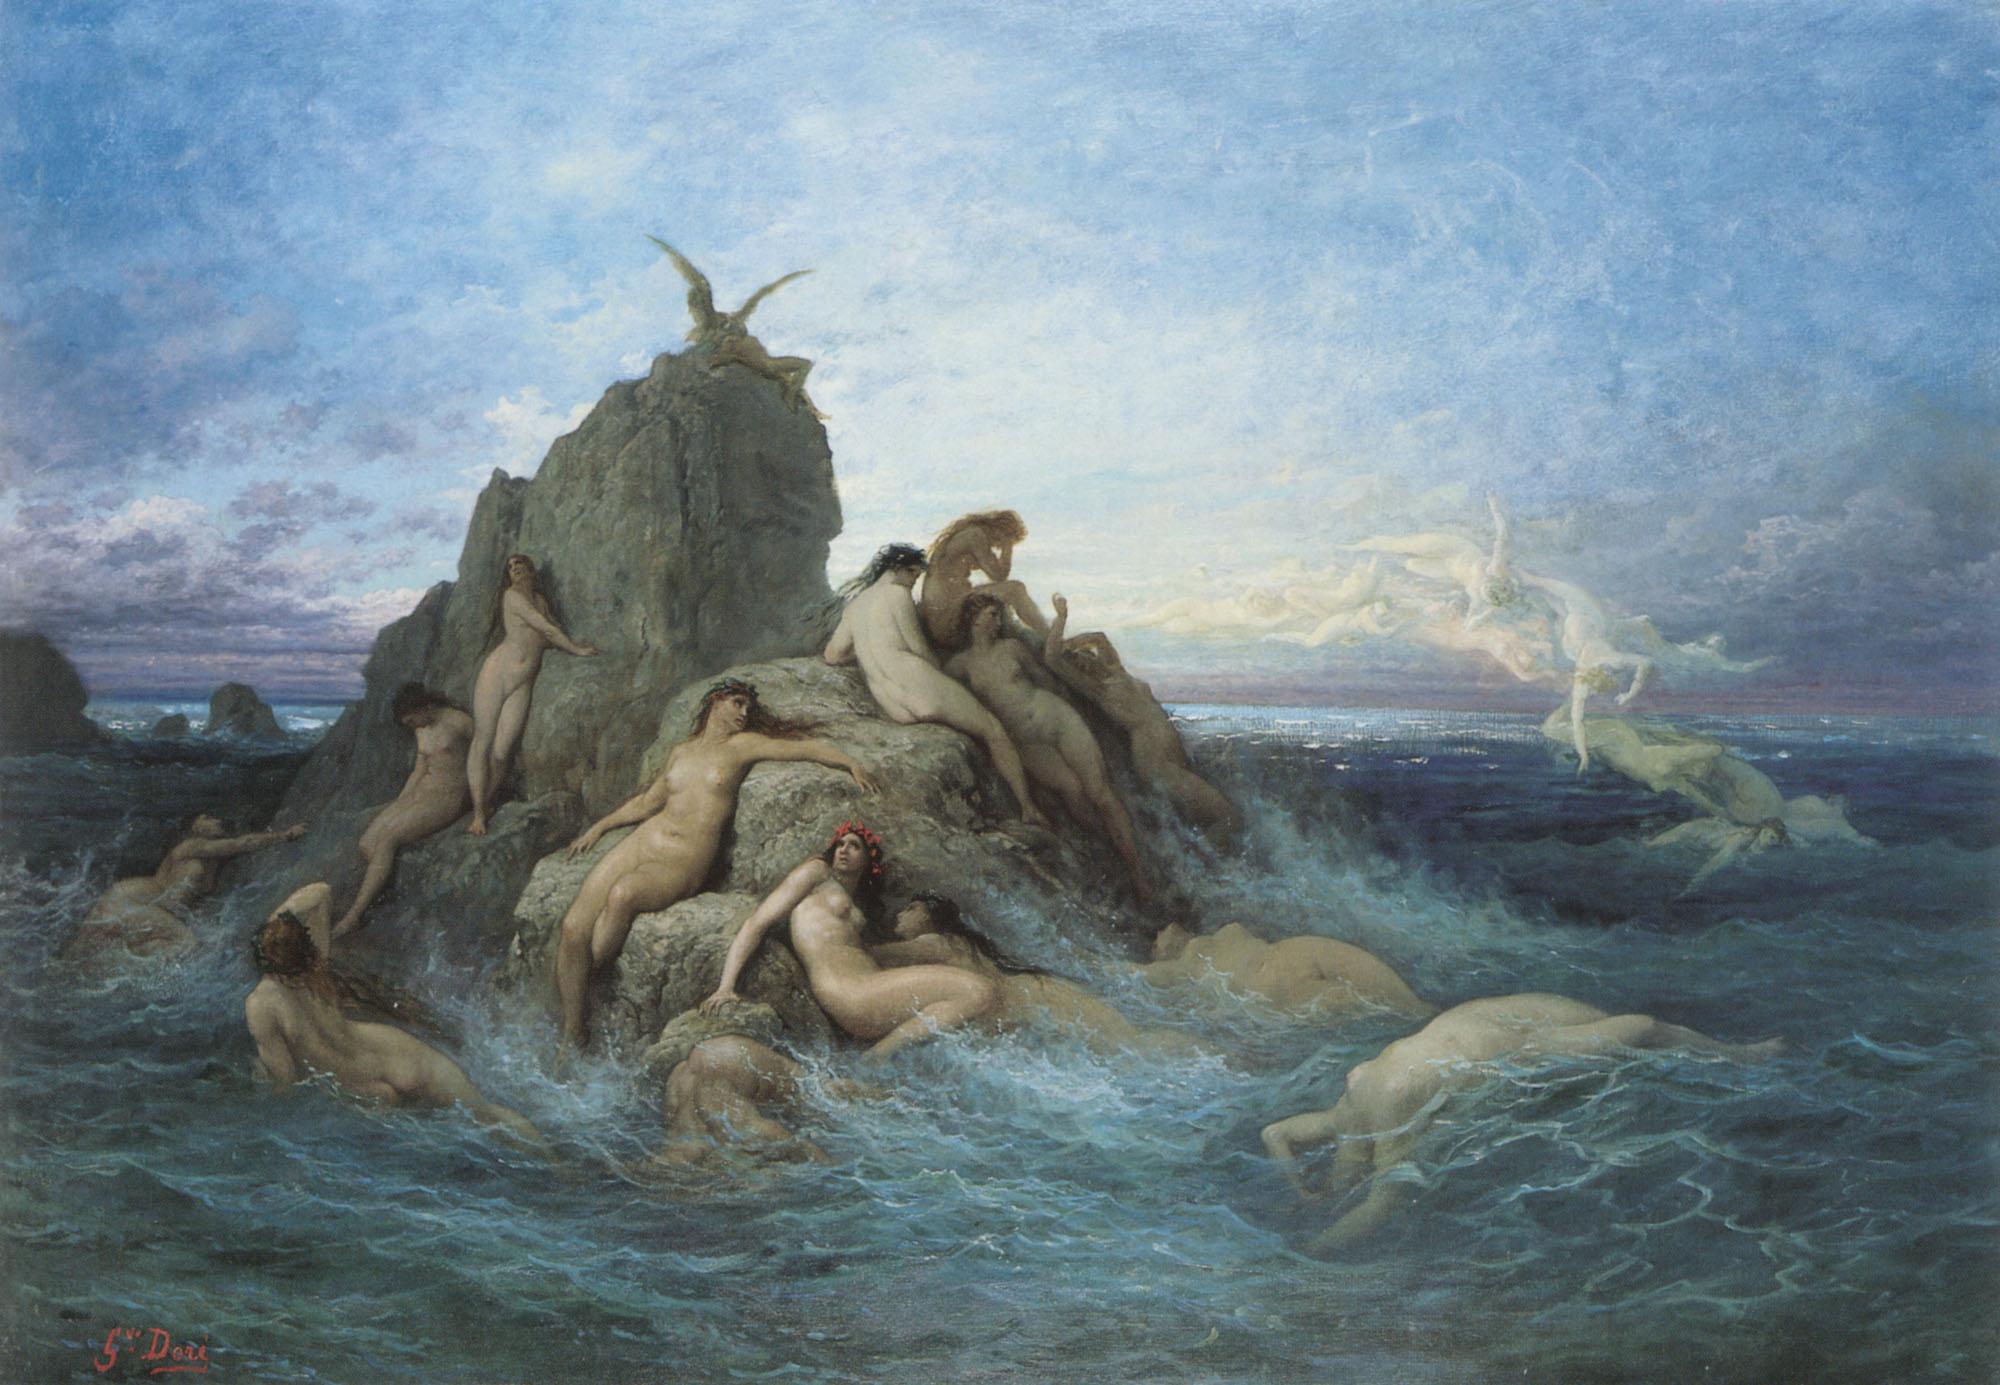 Gustave Doré [Public domain], Oceanides